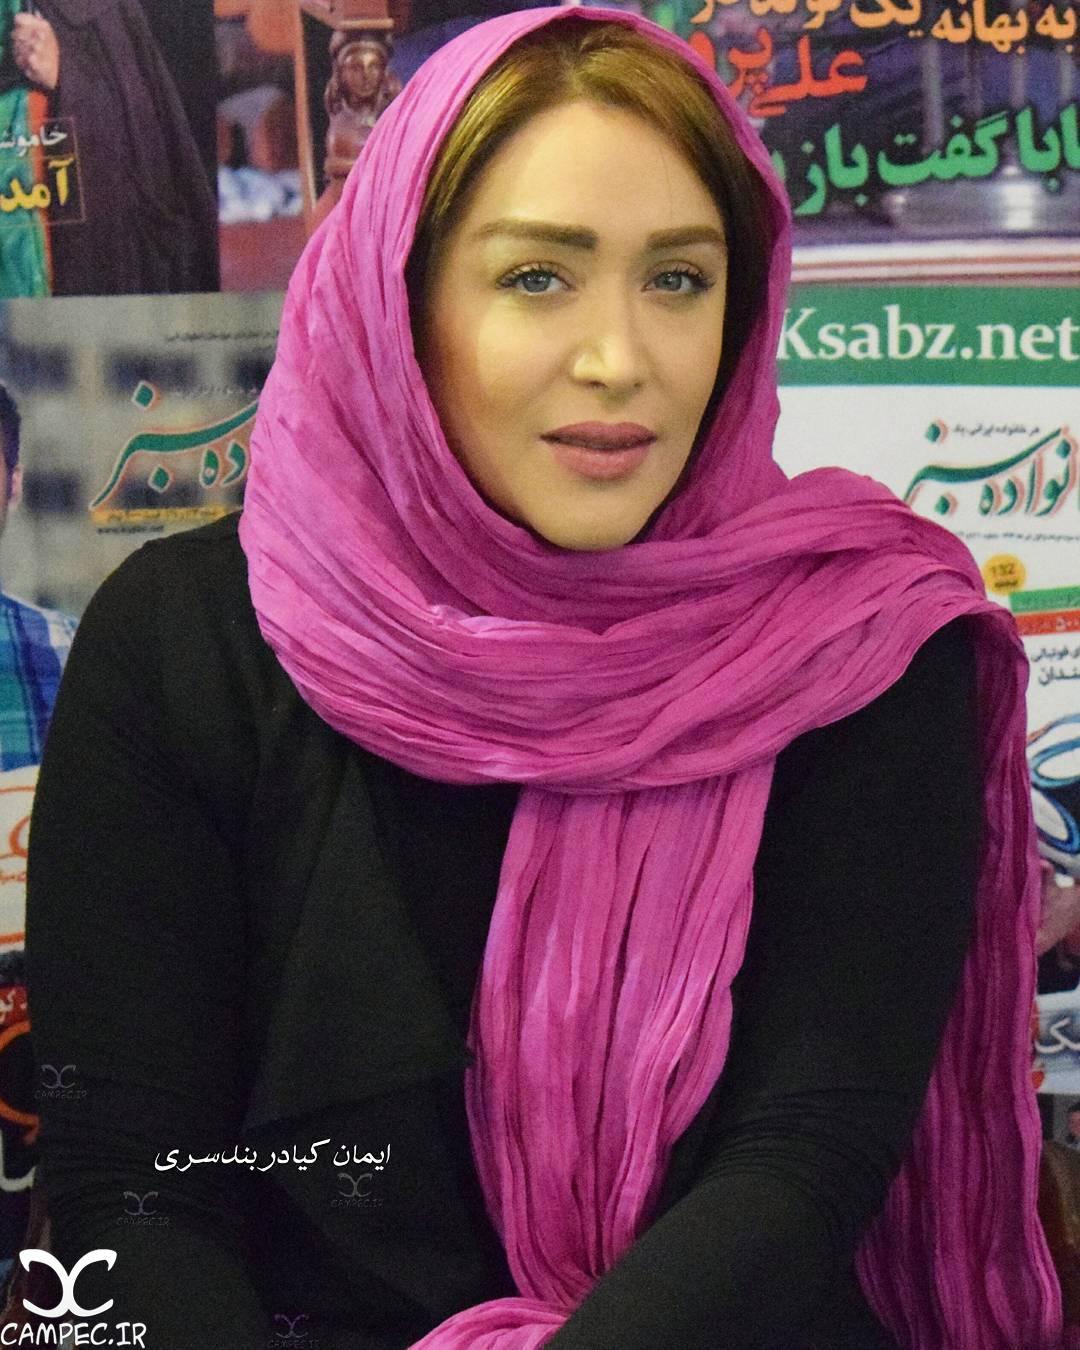 سارا منجزی در نمایشگاه مطبوعات